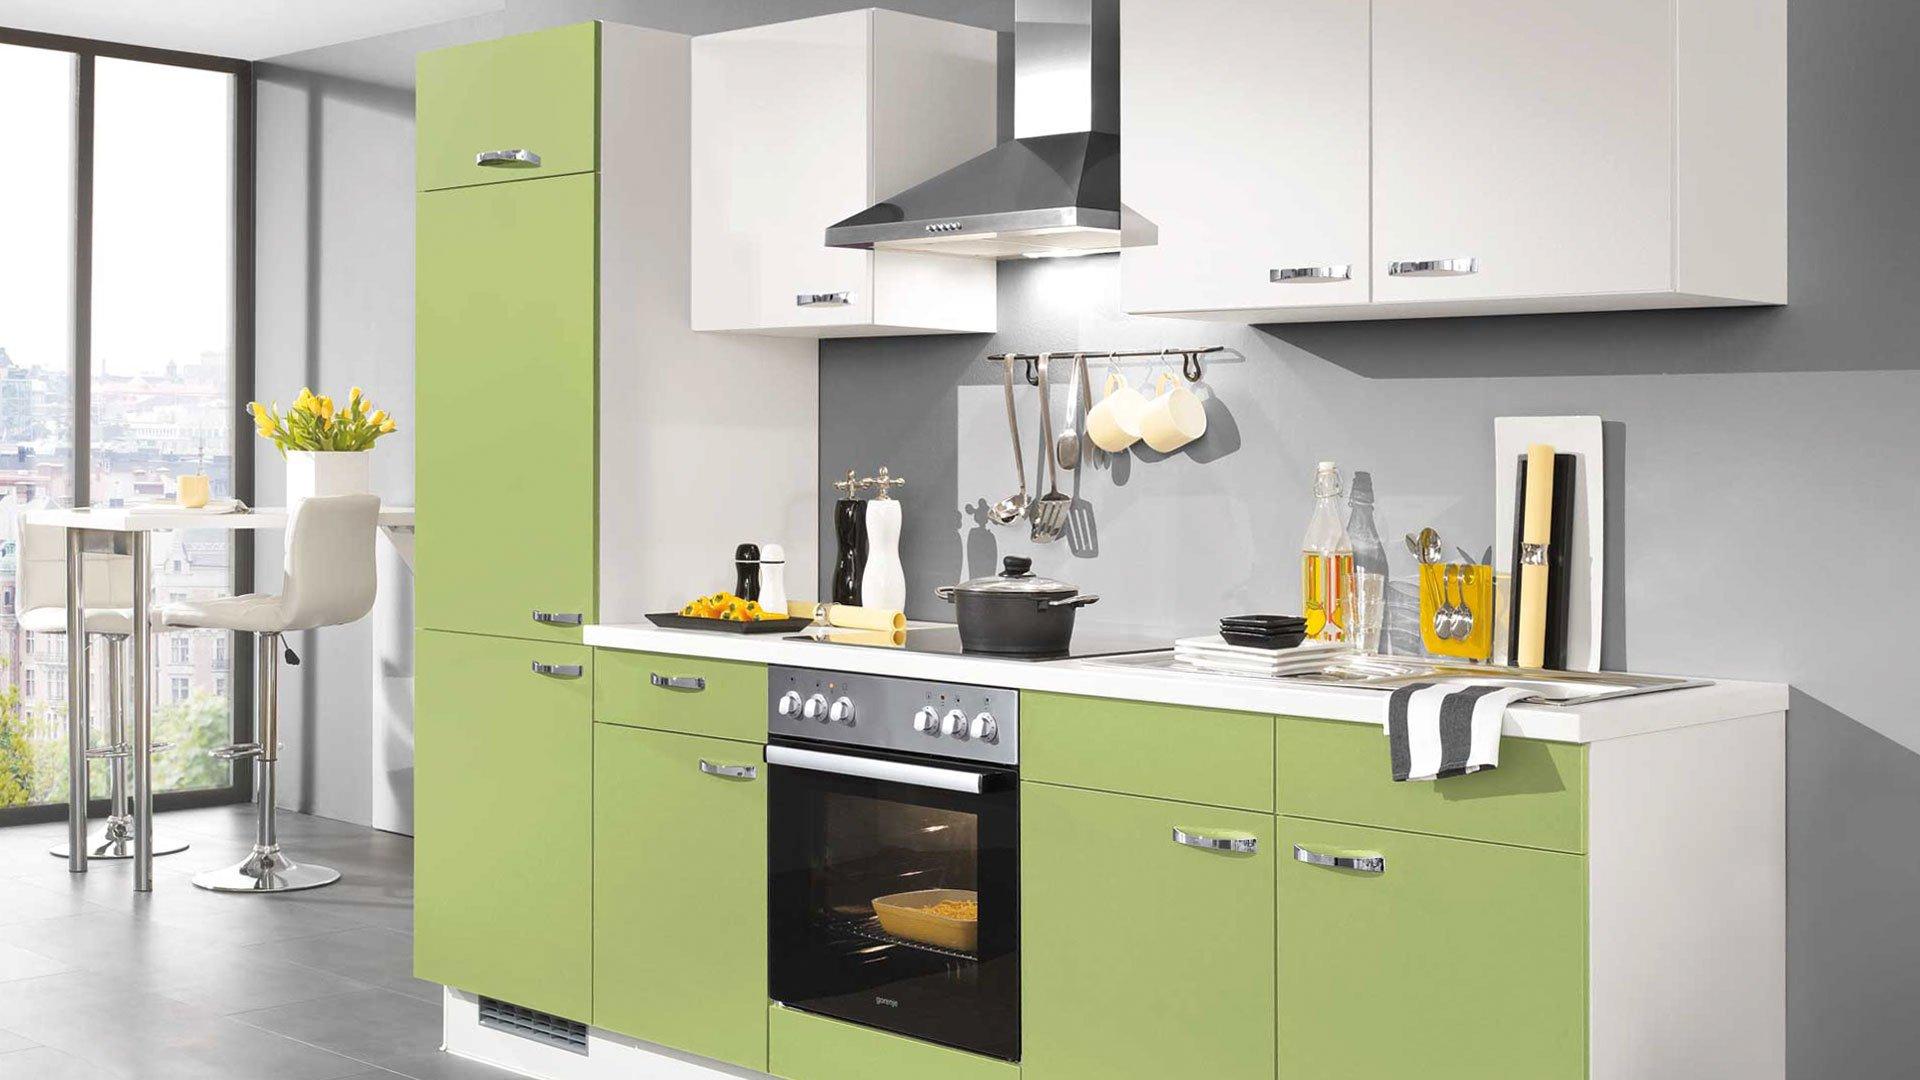 Full Size of Büroküche Teeküche Sprüche Büro Küche Büro Küche Schrank Büro Küche Einrichten Küche Büroküche